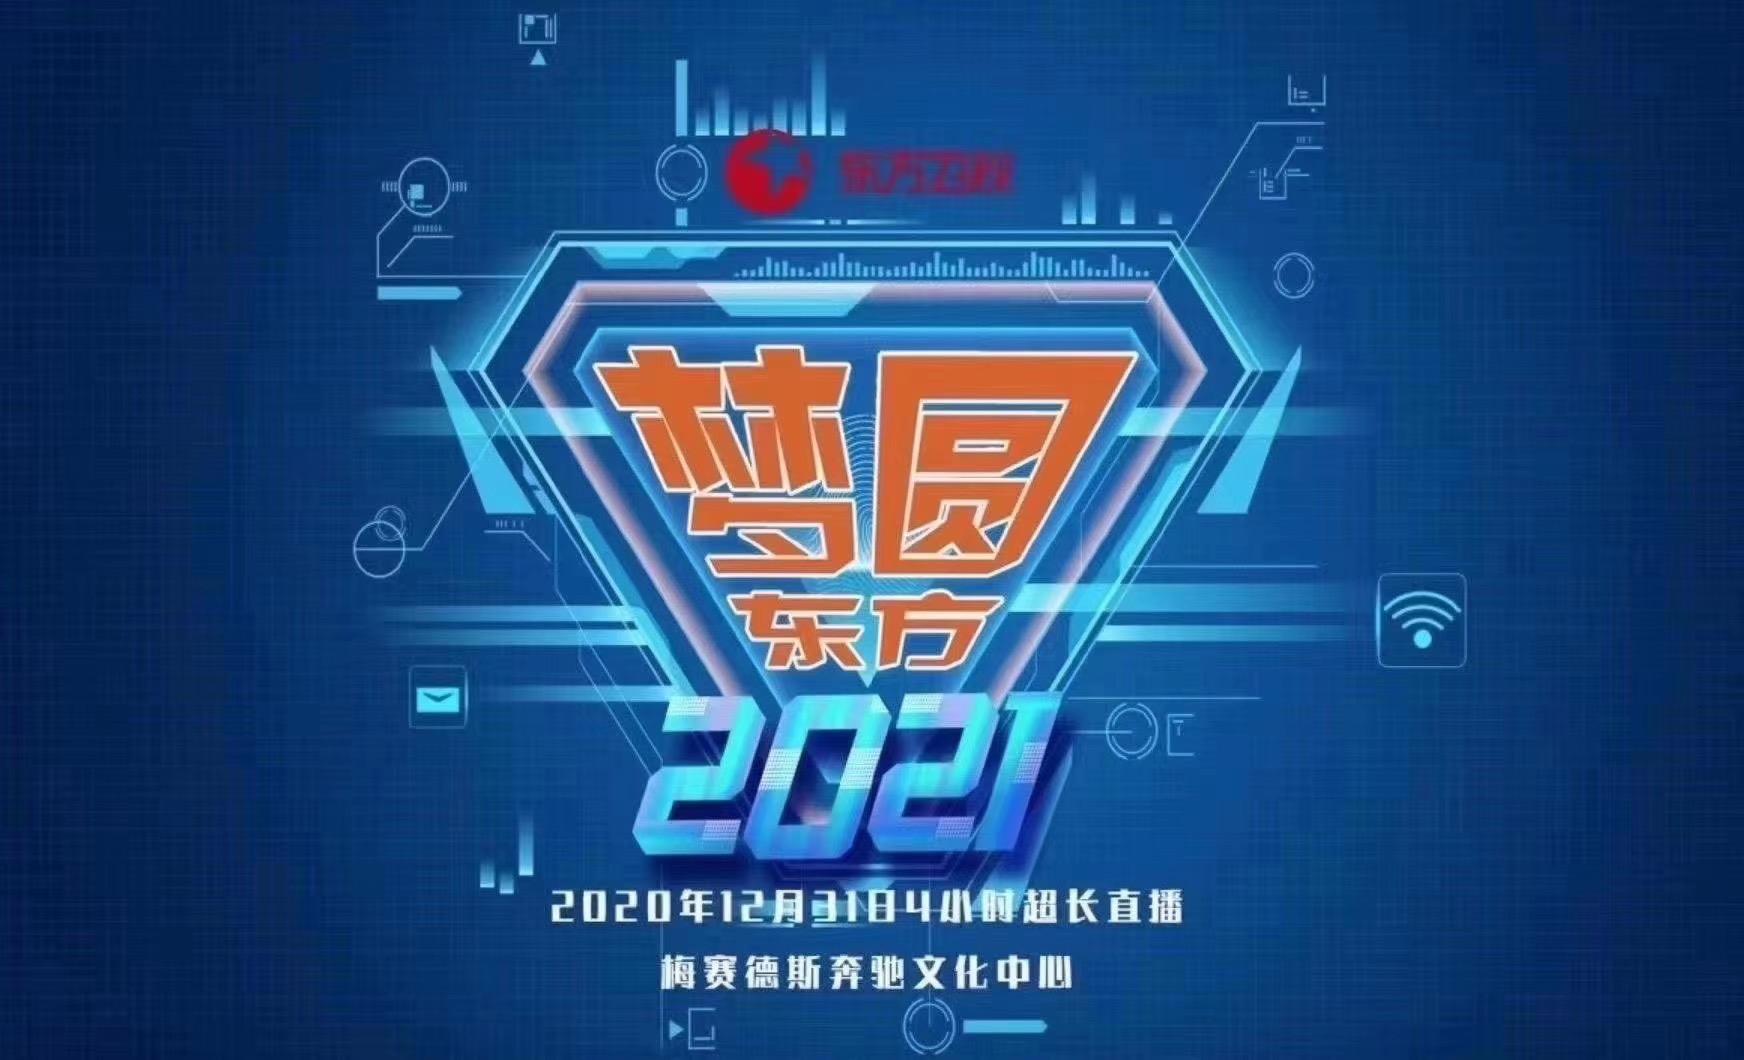 2021-2022东方卫视跨年演唱会